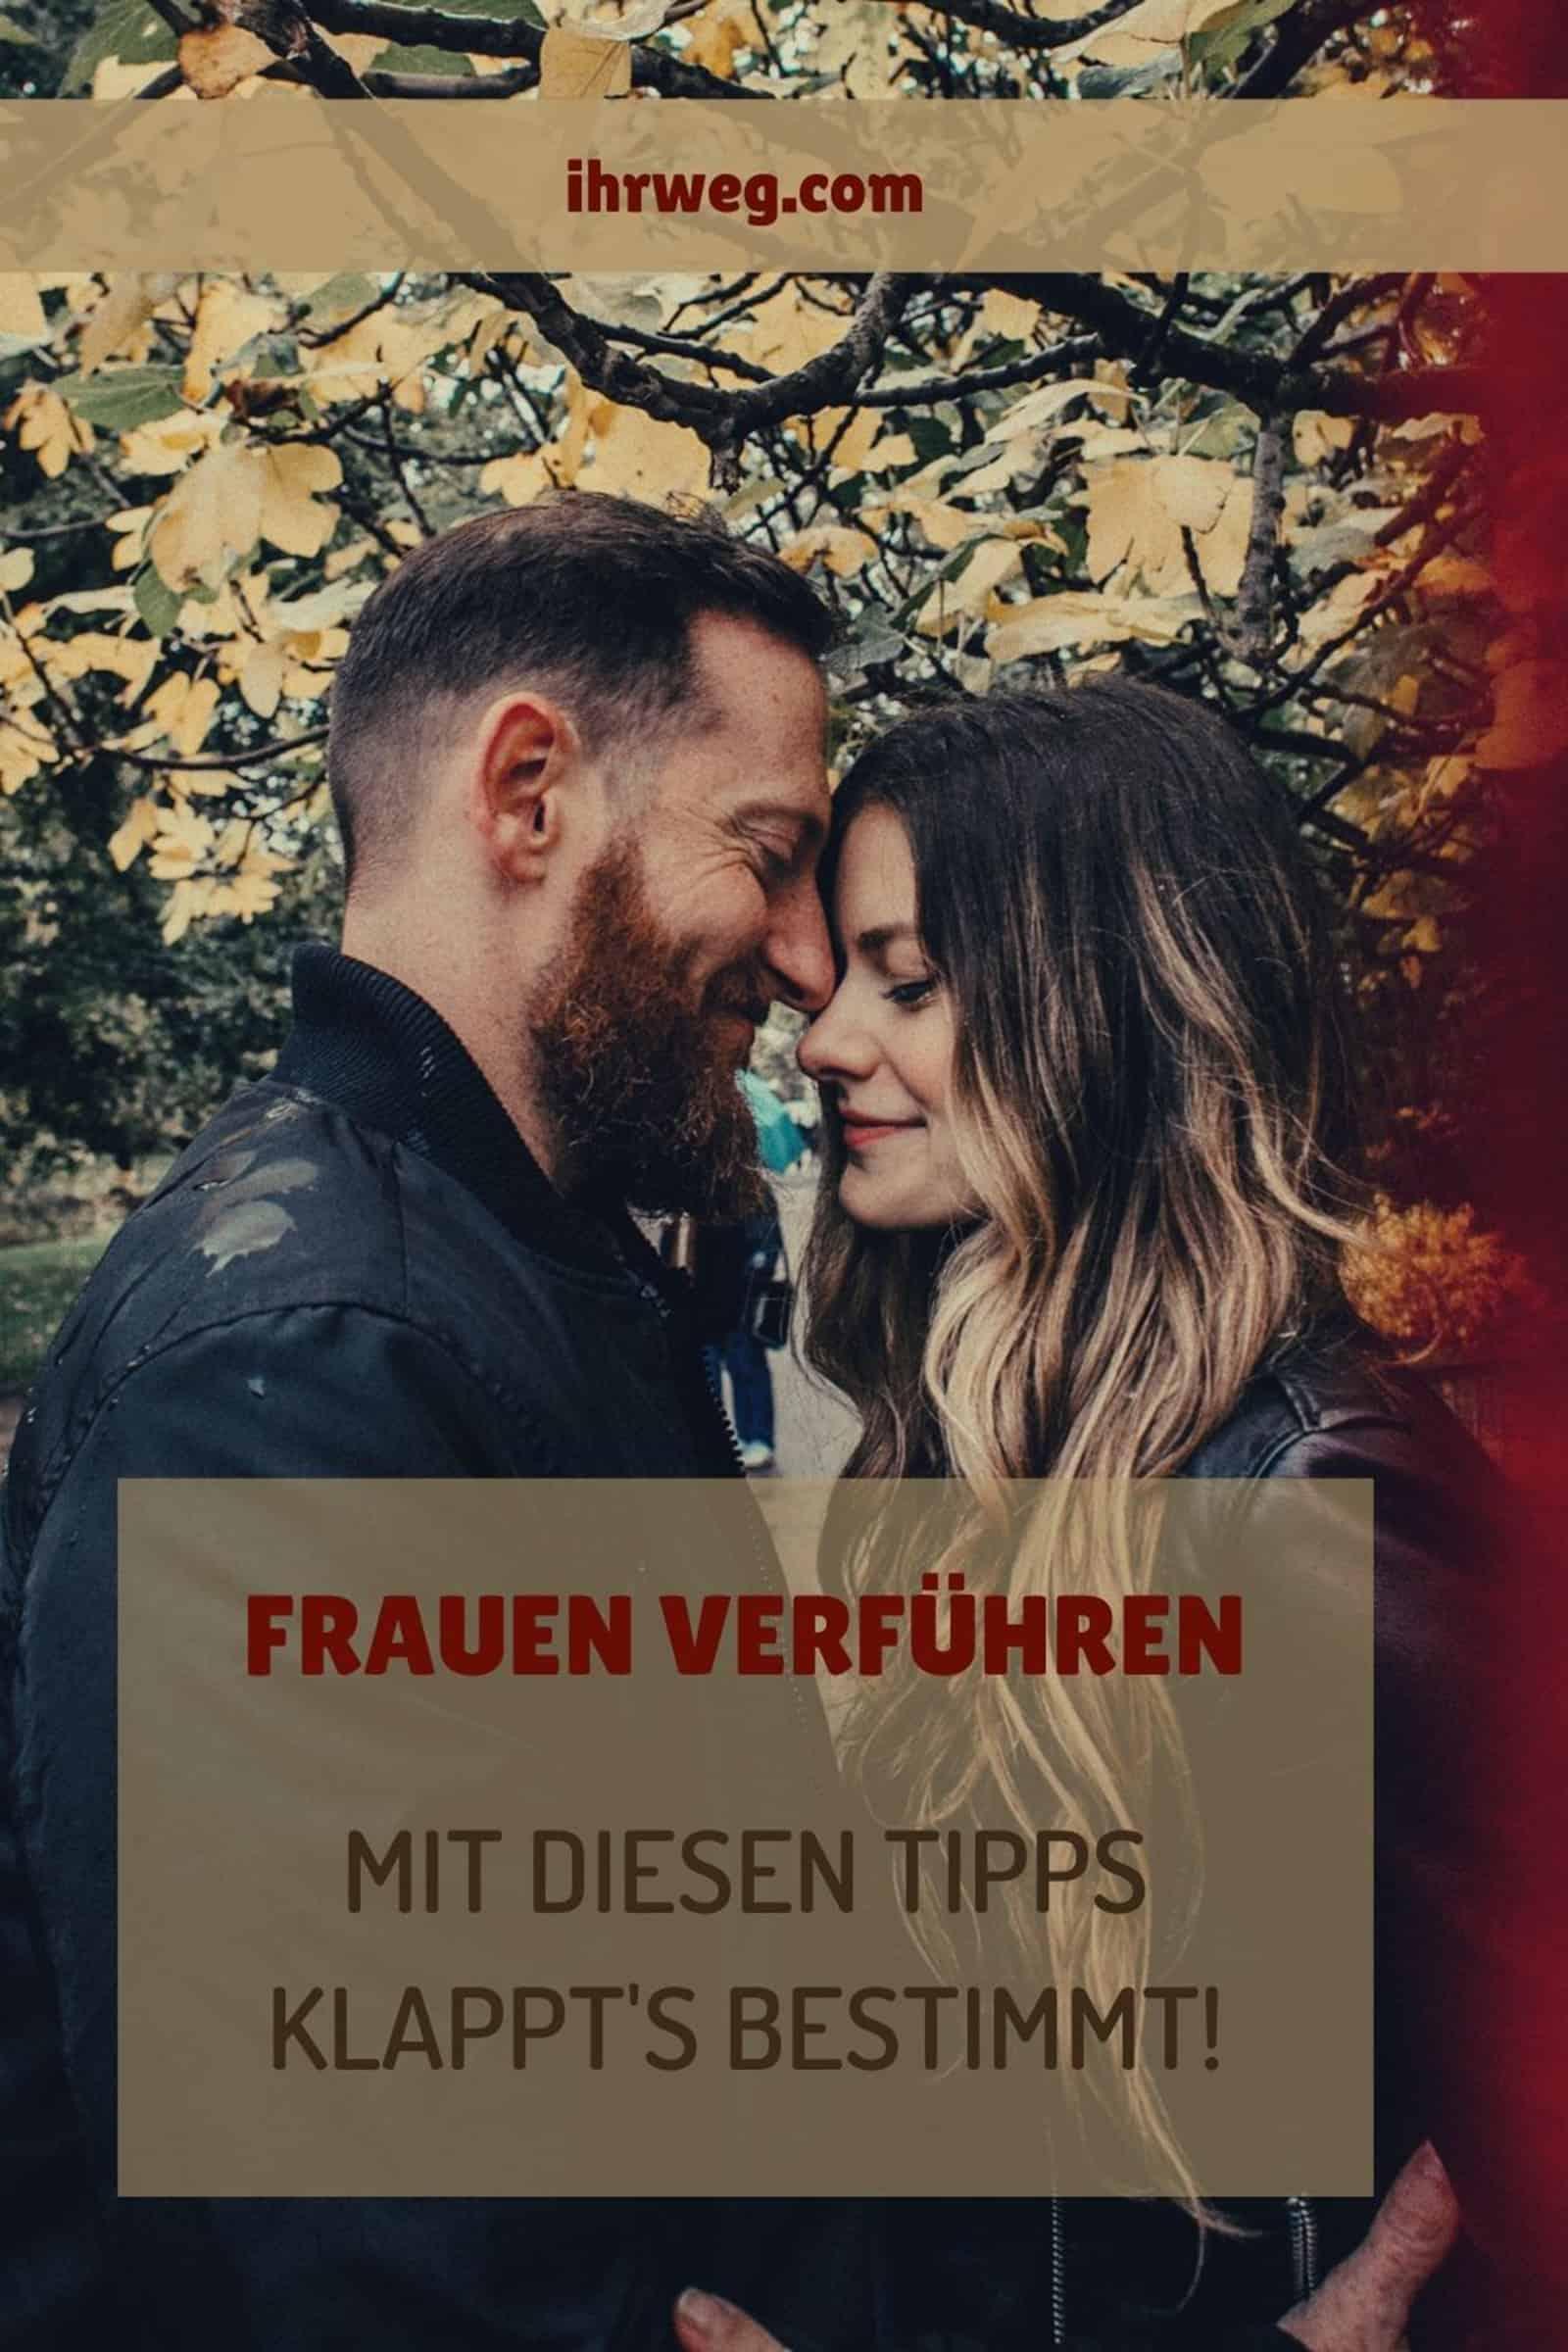 Frauen Verführen: Mit Diesen Tipps Klappt's Bestimmt!